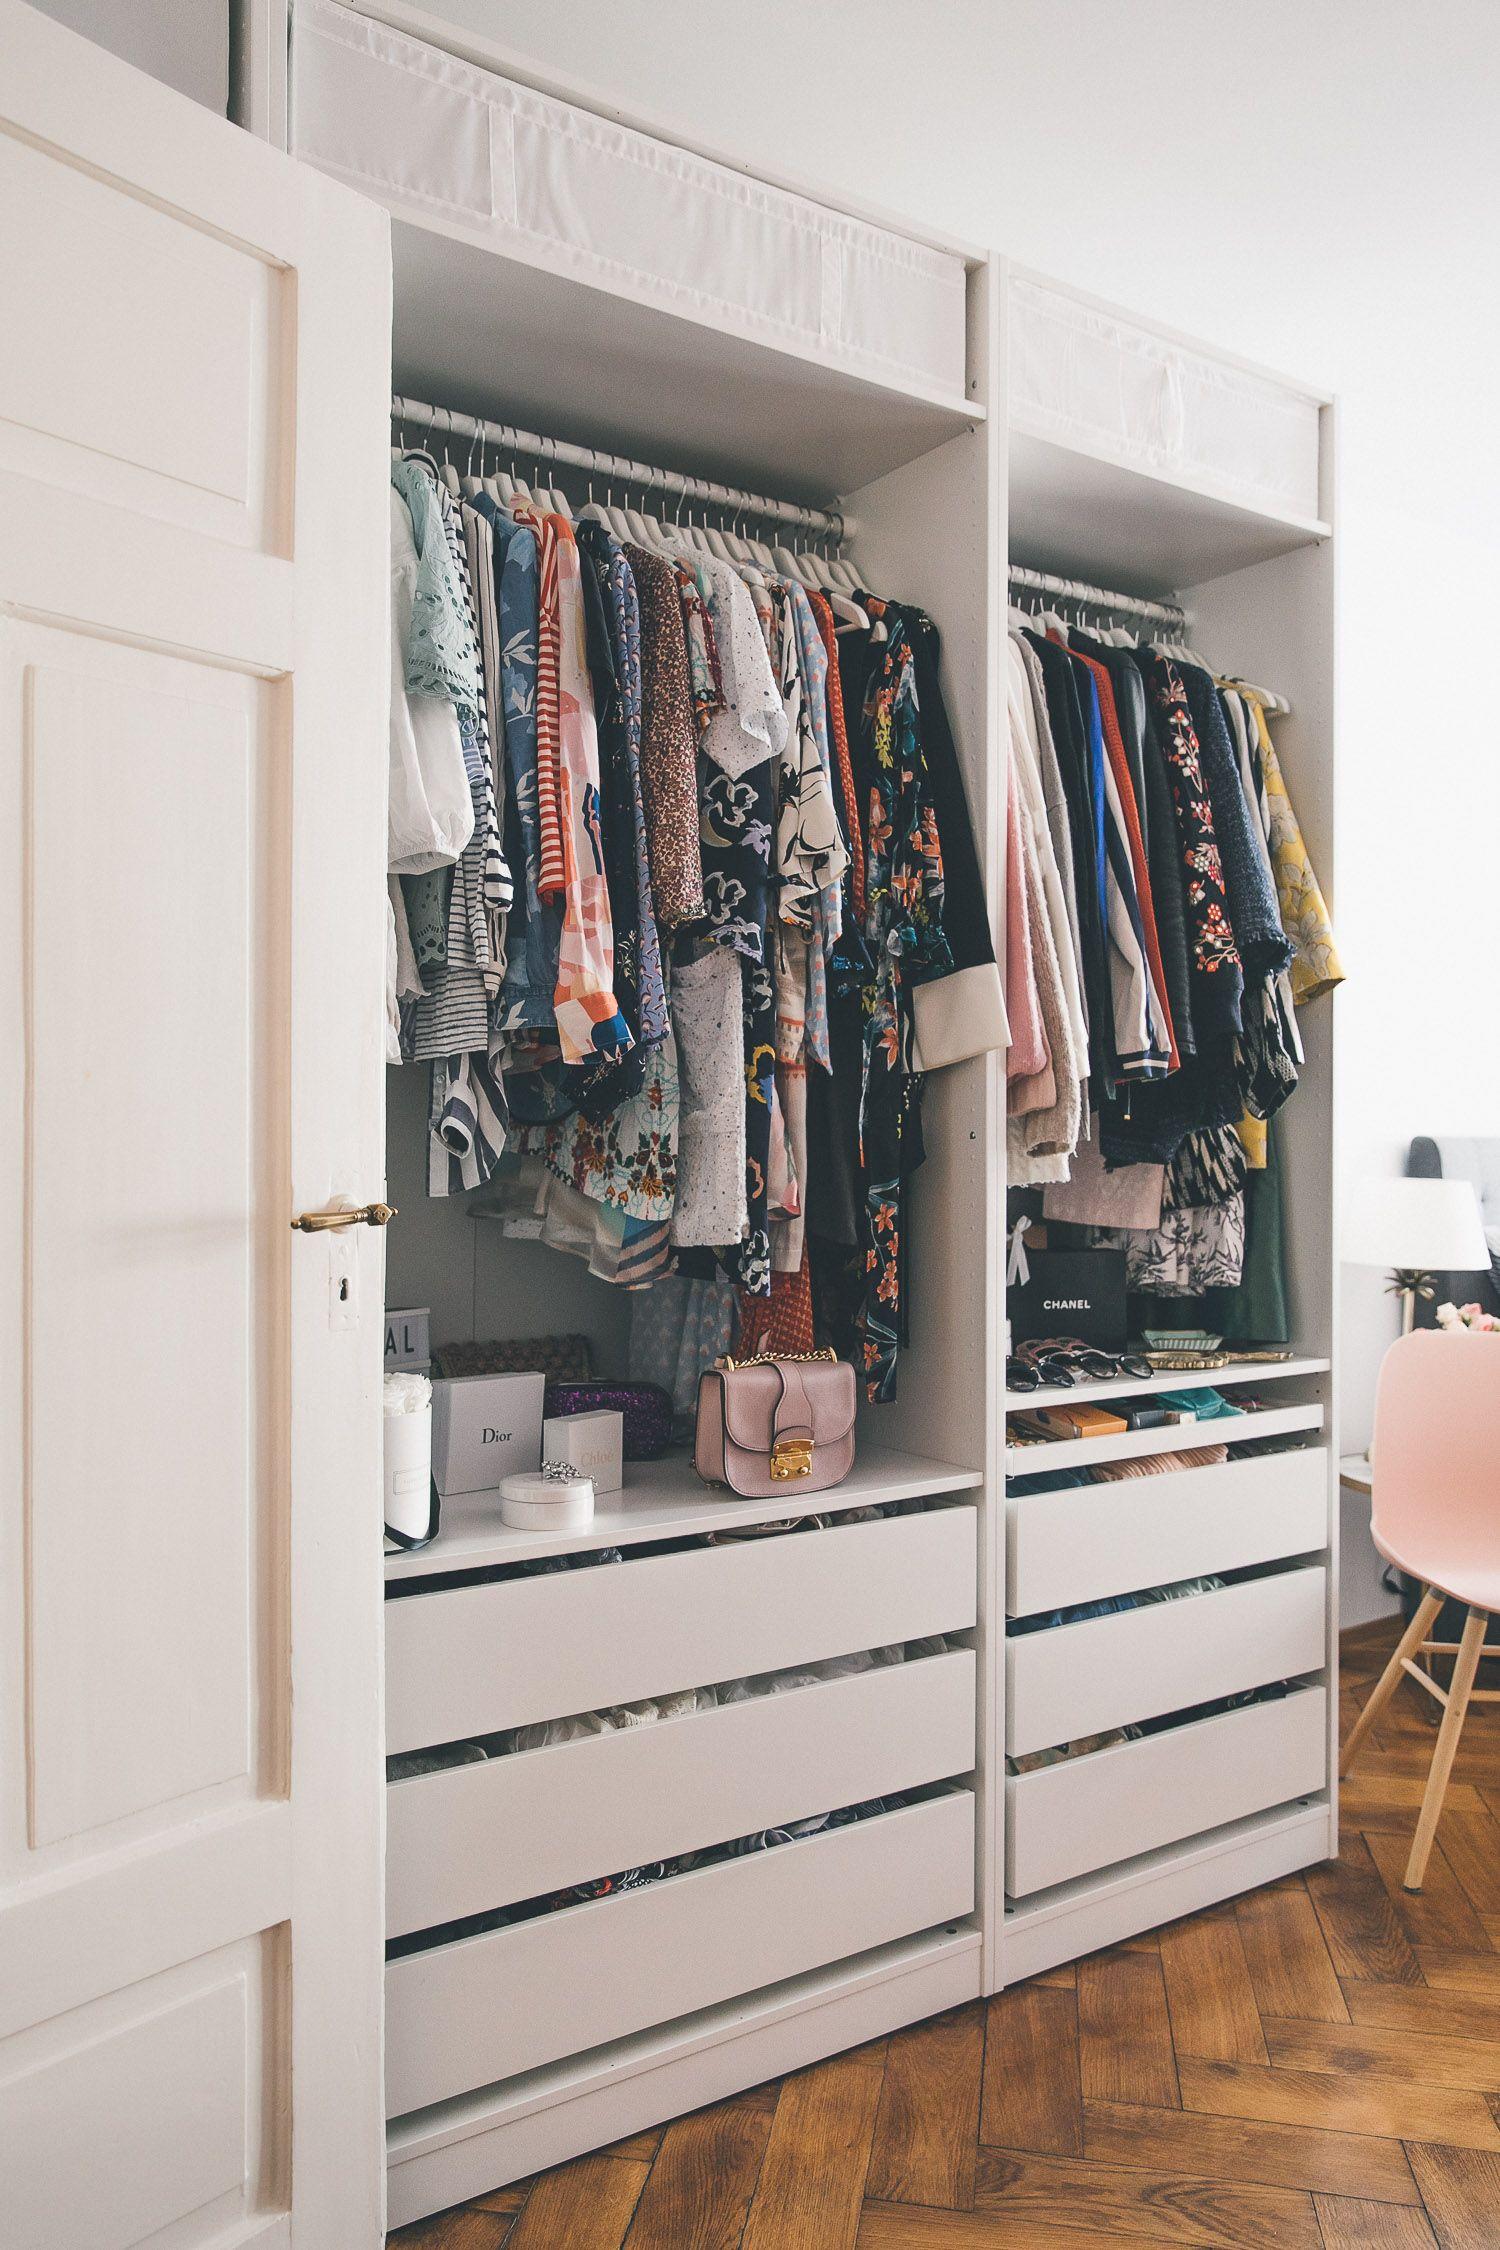 montags update 115 mein kleiderschrank ein tolles. Black Bedroom Furniture Sets. Home Design Ideas